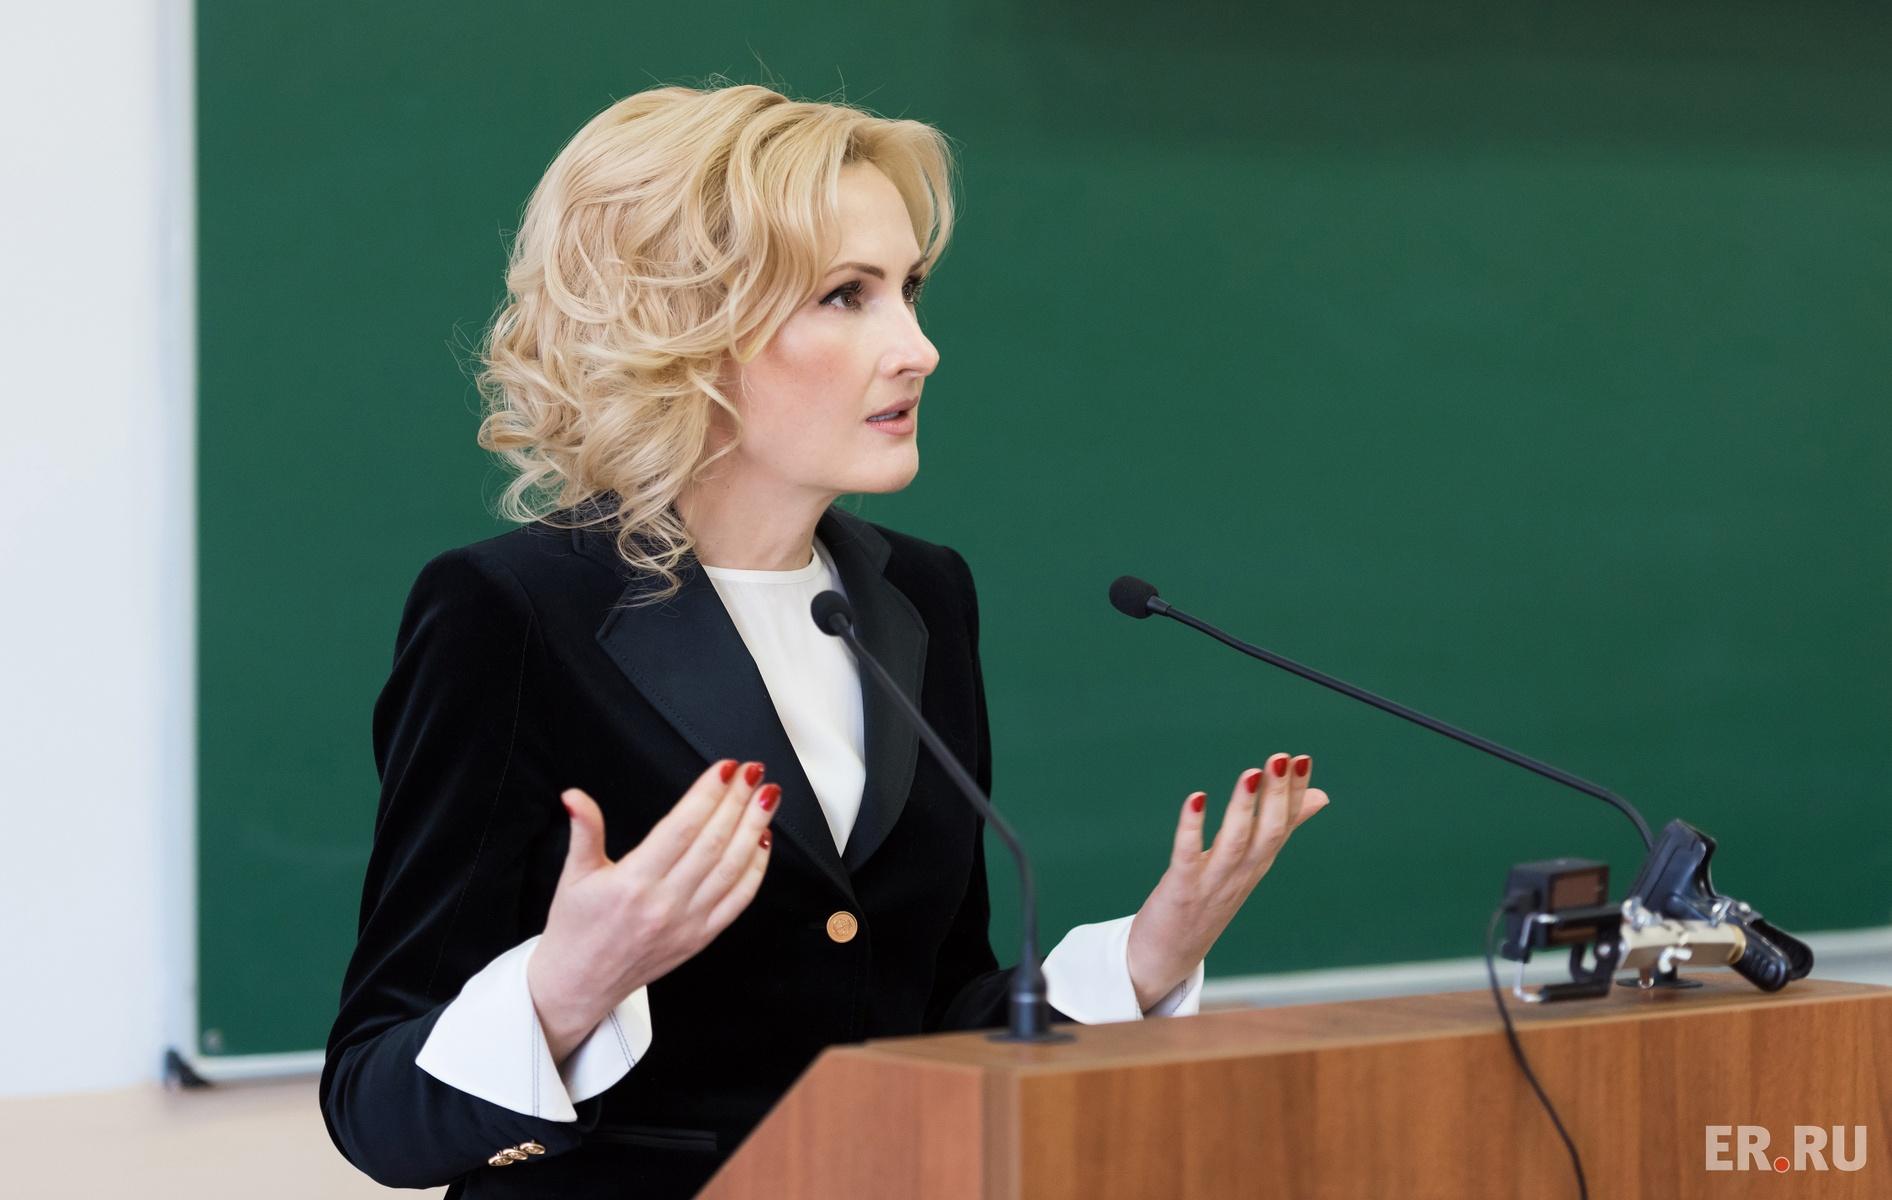 Ирина Яровая биография, фото, ее семья 2018